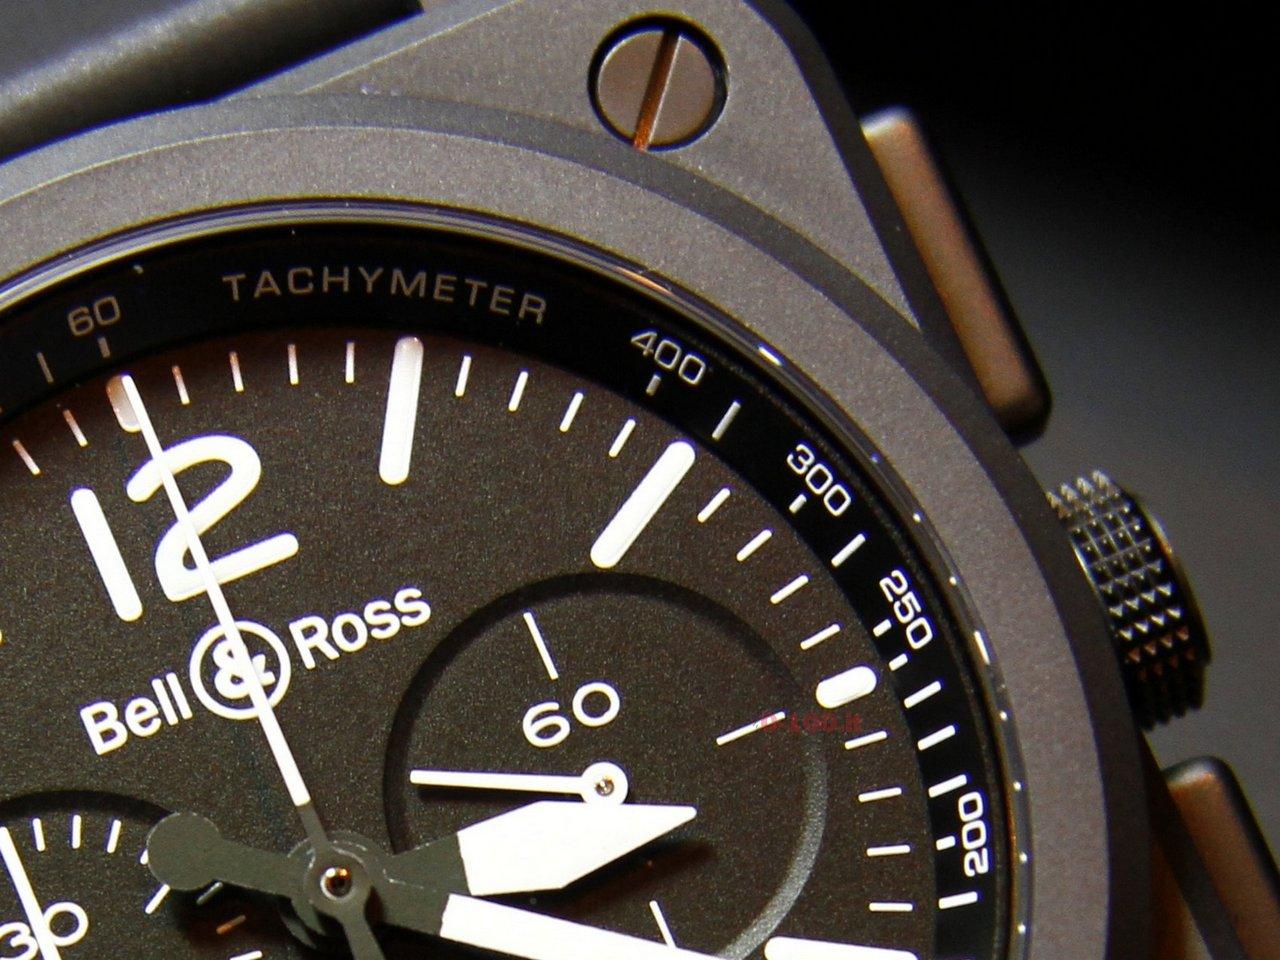 baselworld-2015_bell-ross_BR03-94-black-matte-chronograph-0-100-7